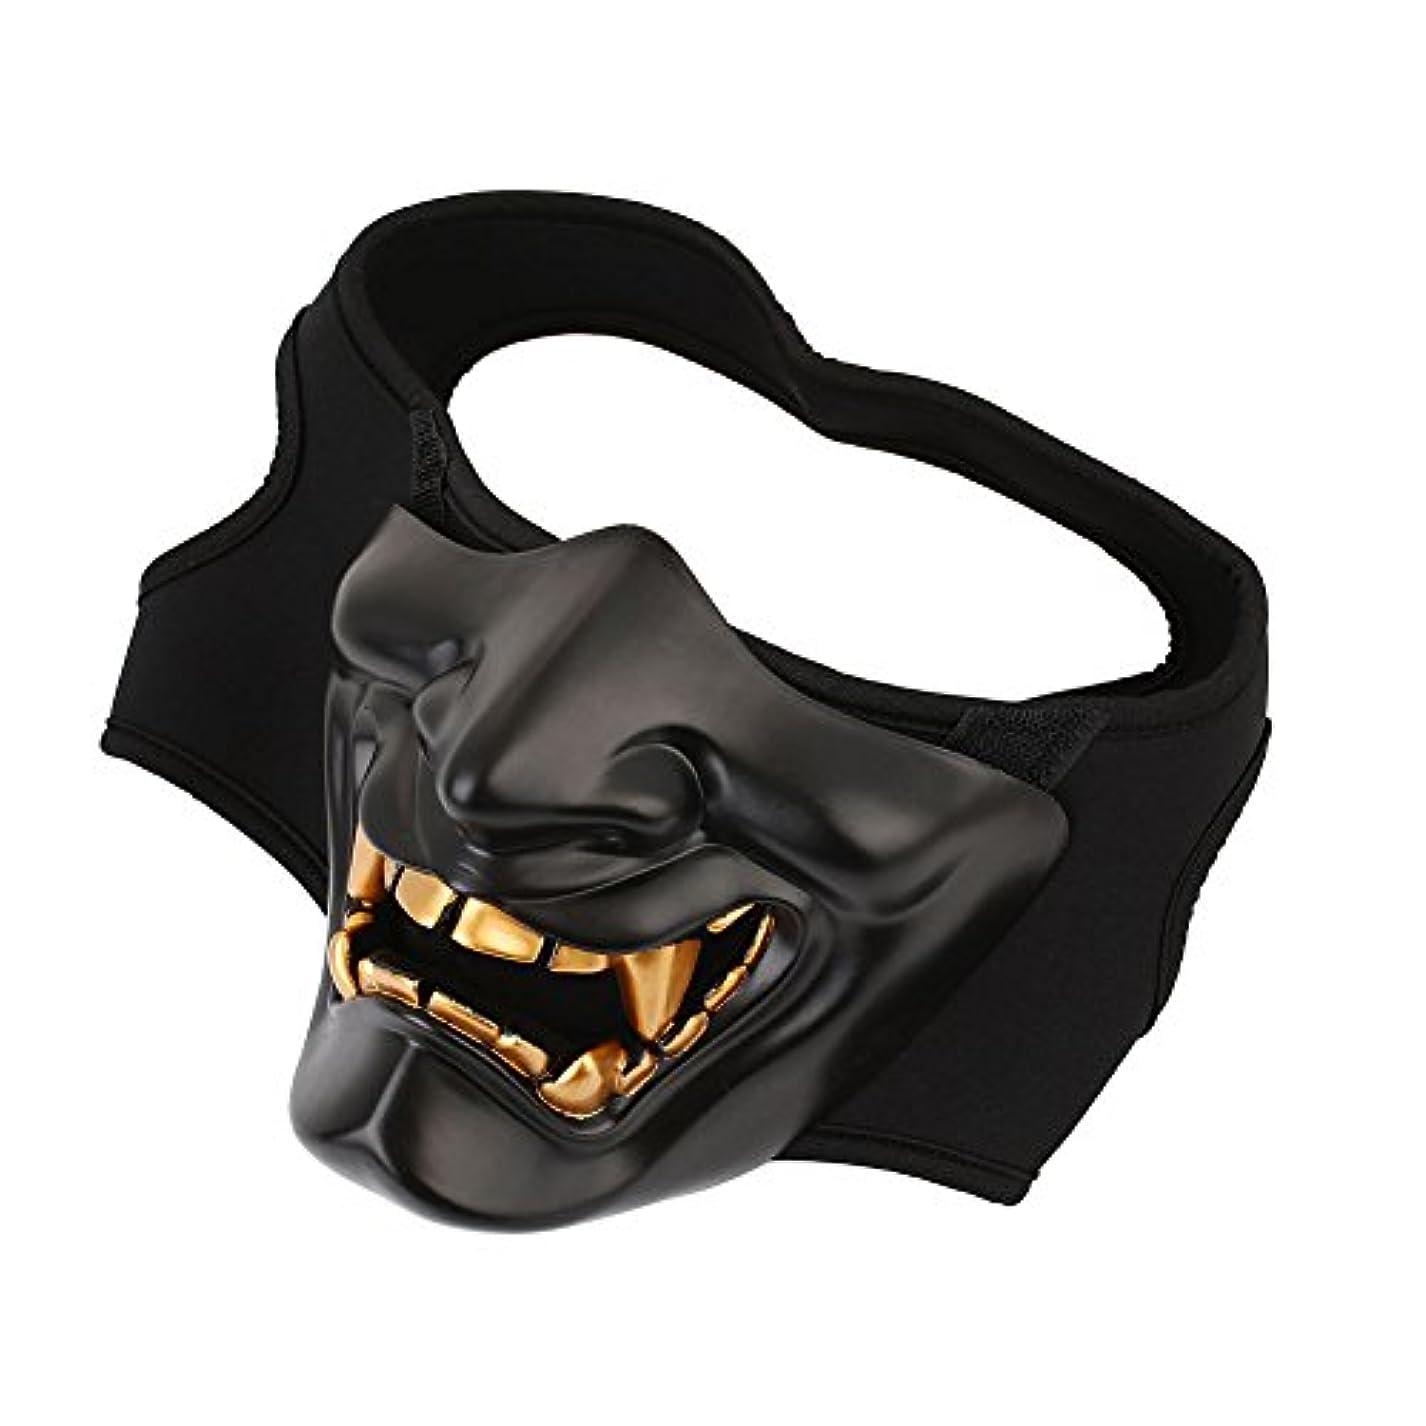 として禁止する新年Auntwhale ハロウィーンマスク大人恐怖コスチューム、悪魔ファンシーマスカレードパーティーハロウィンマスク、フェスティバル通気性ギフトヘッドマスク - ブラック